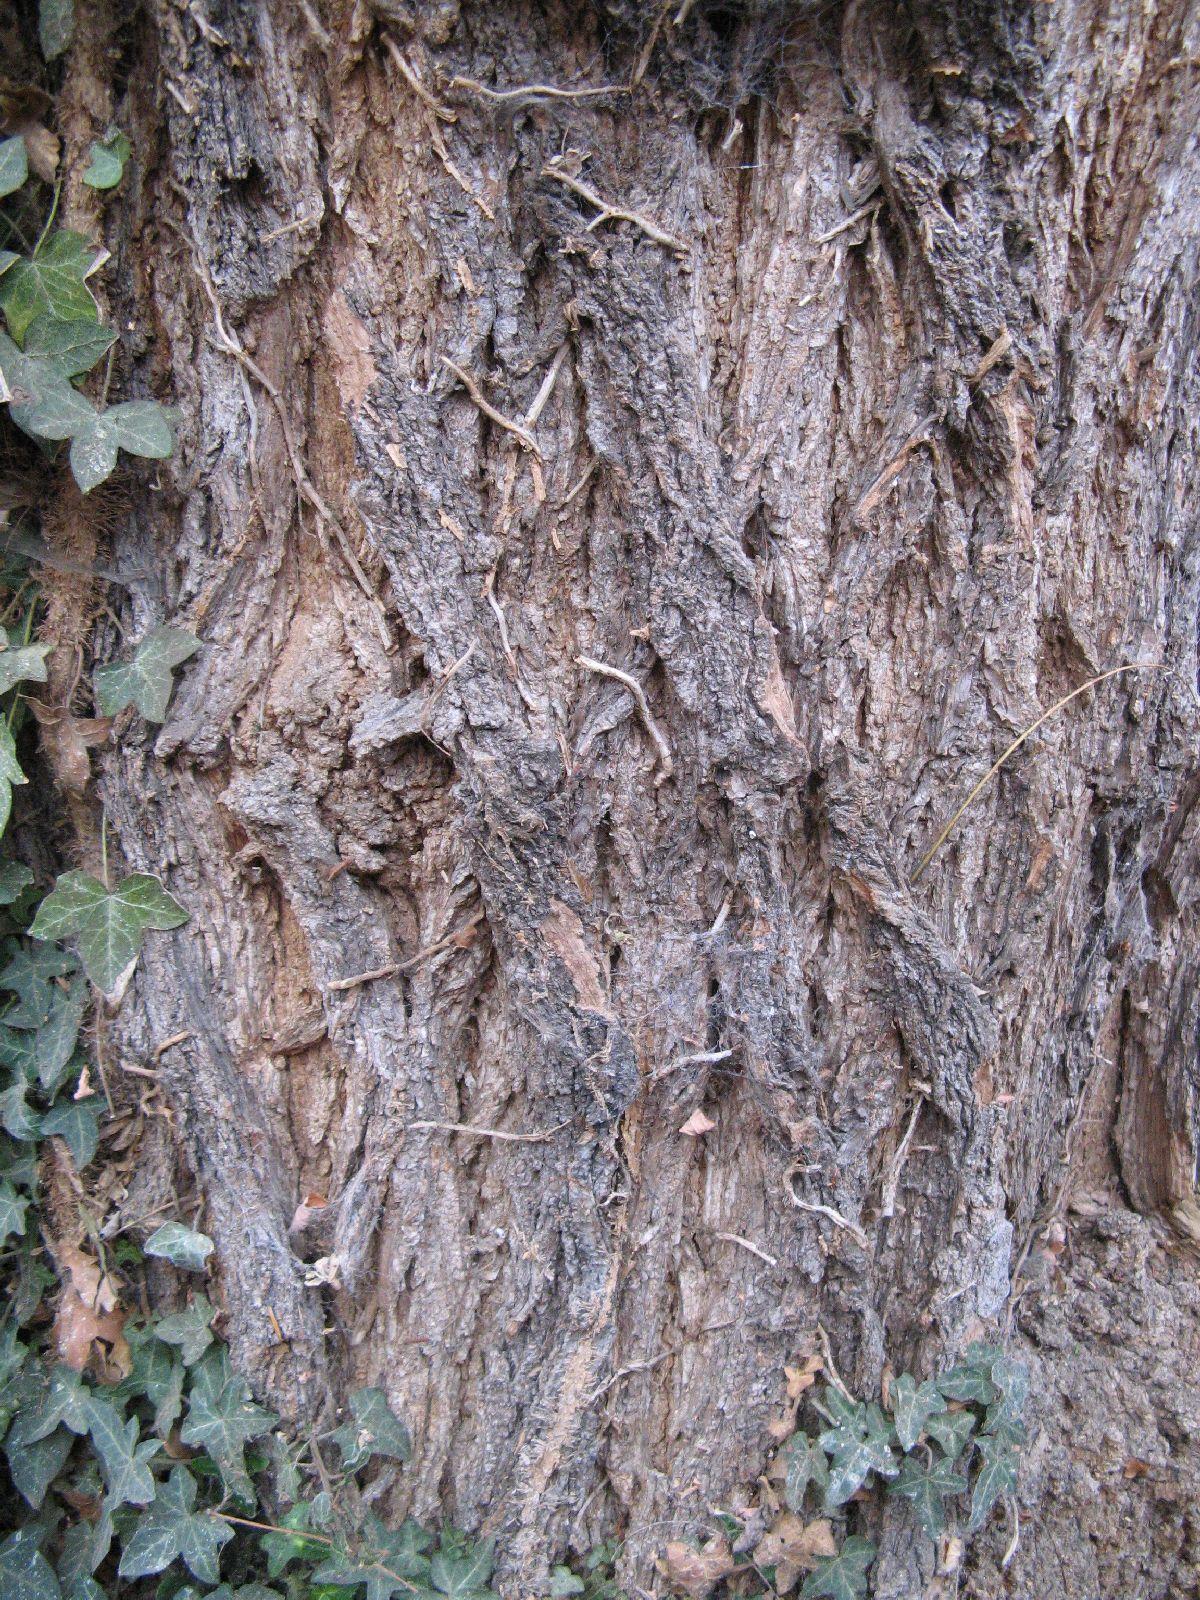 Baum-Rinde_Texturs_B_24700